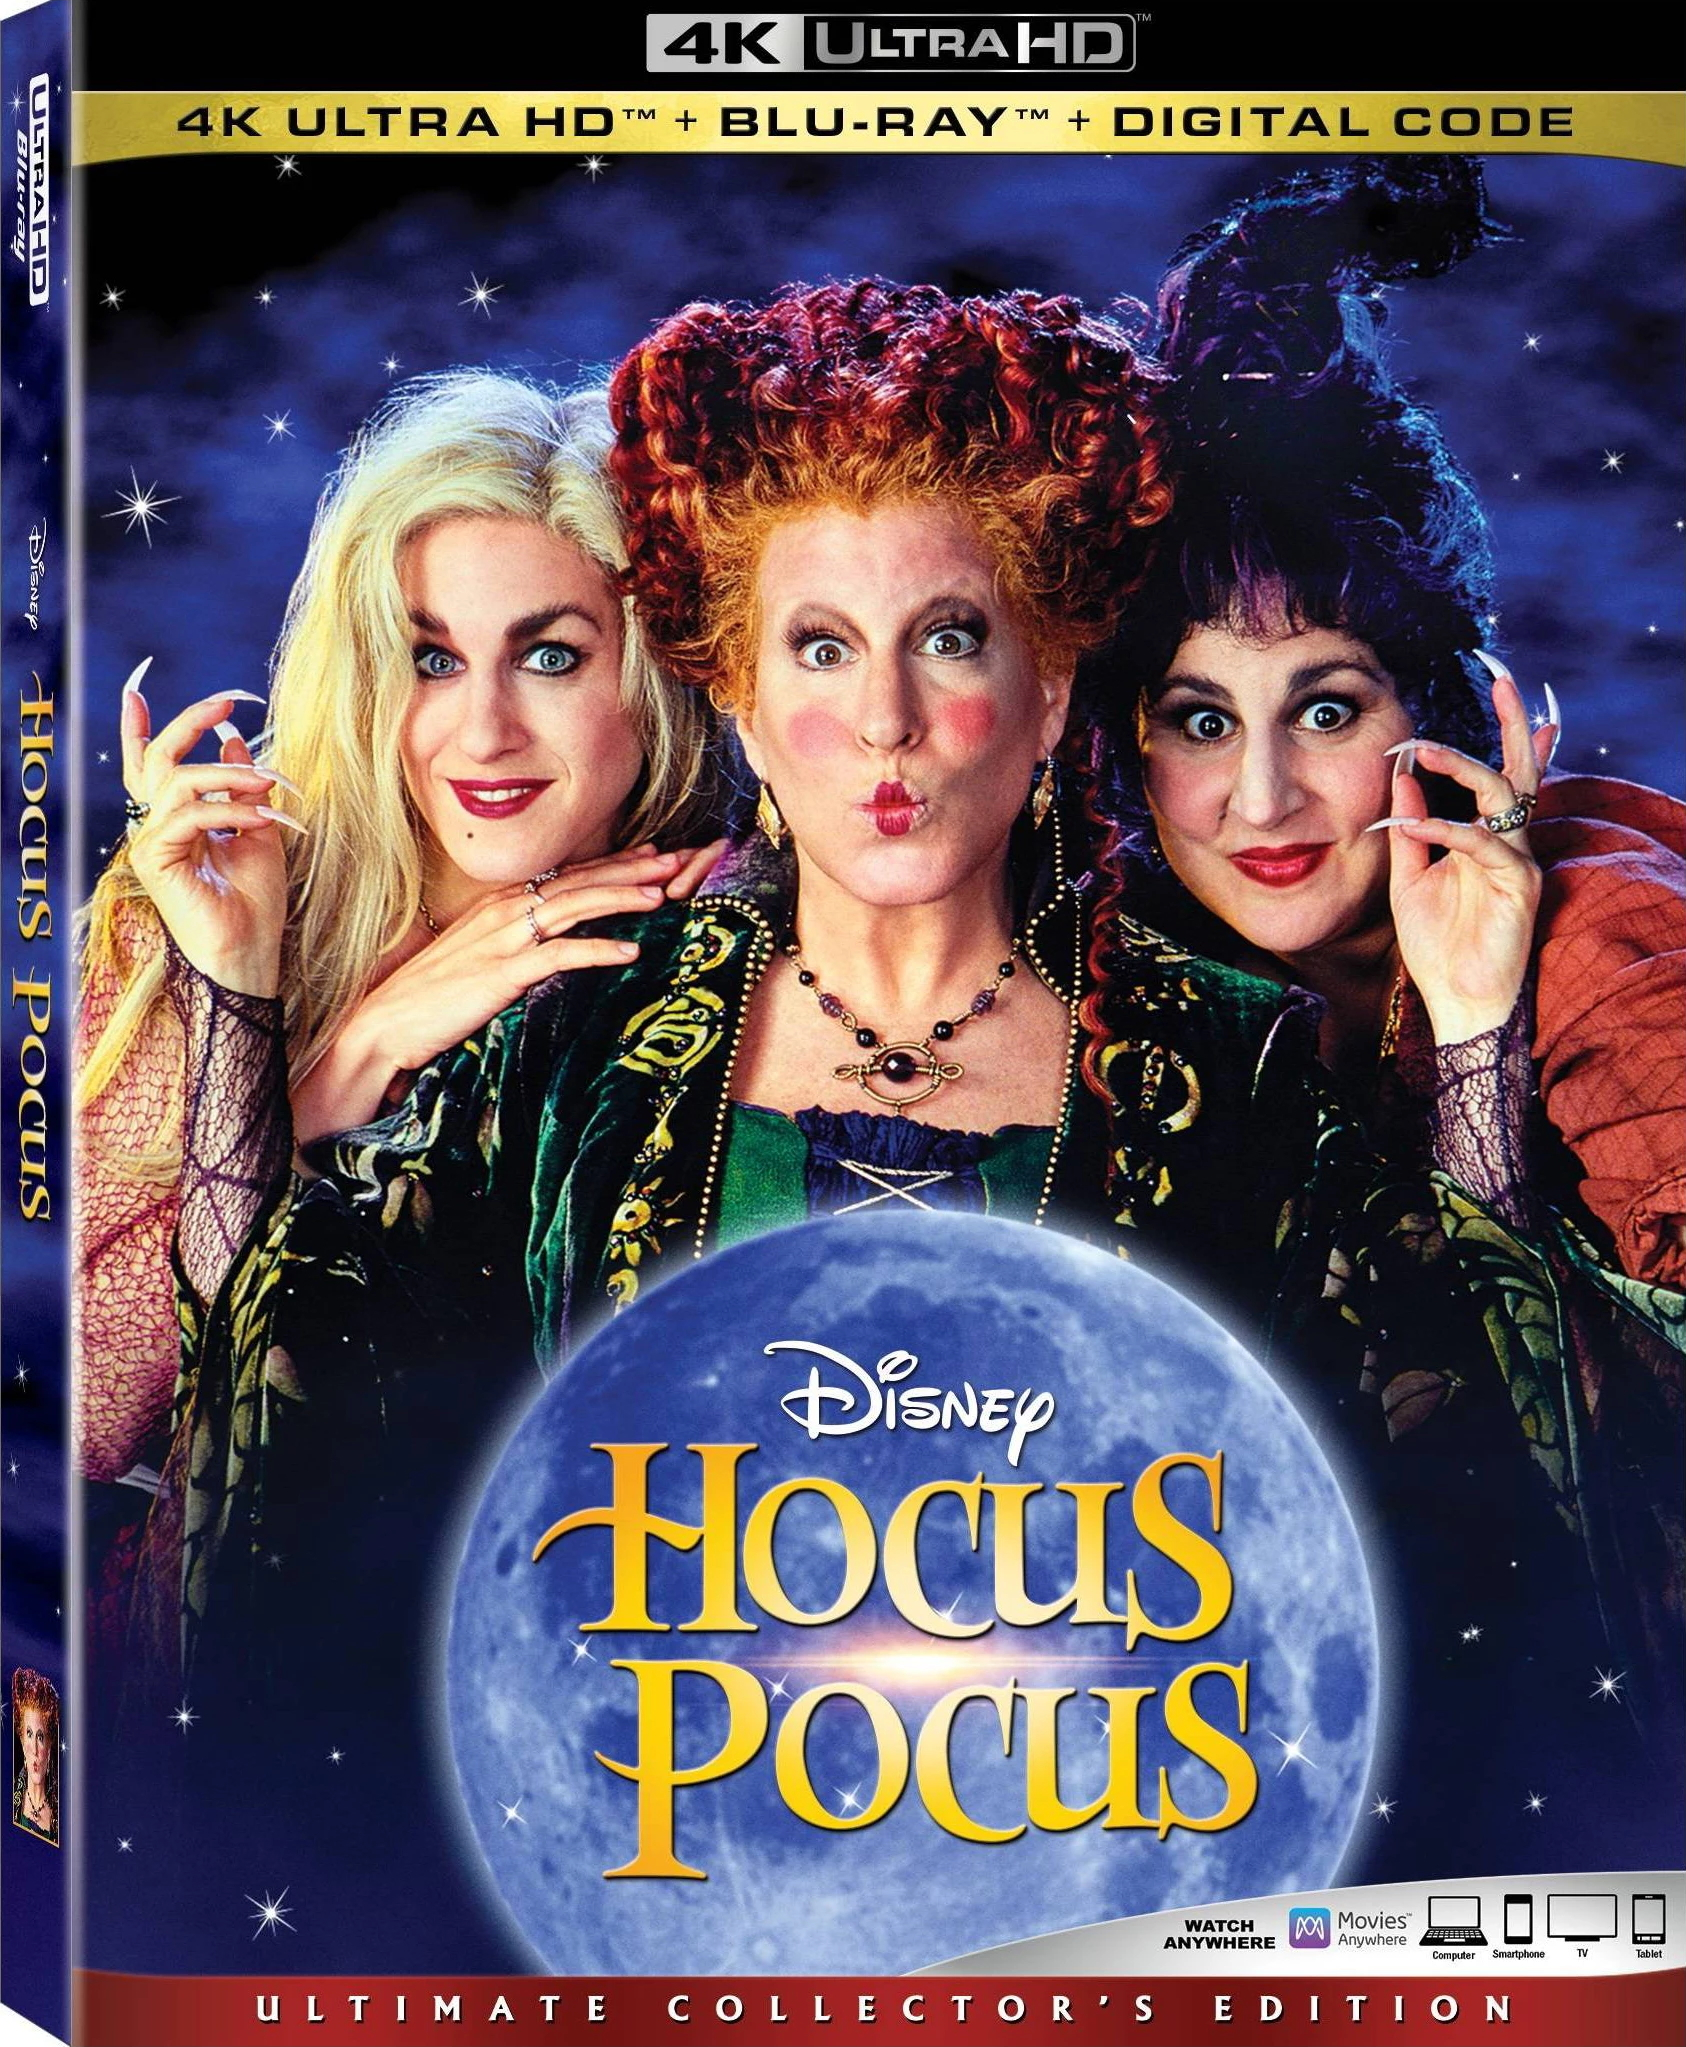 Hocus Pocus : Les Trois Sorcières [Disney - 1993] - Page 5 271620_front